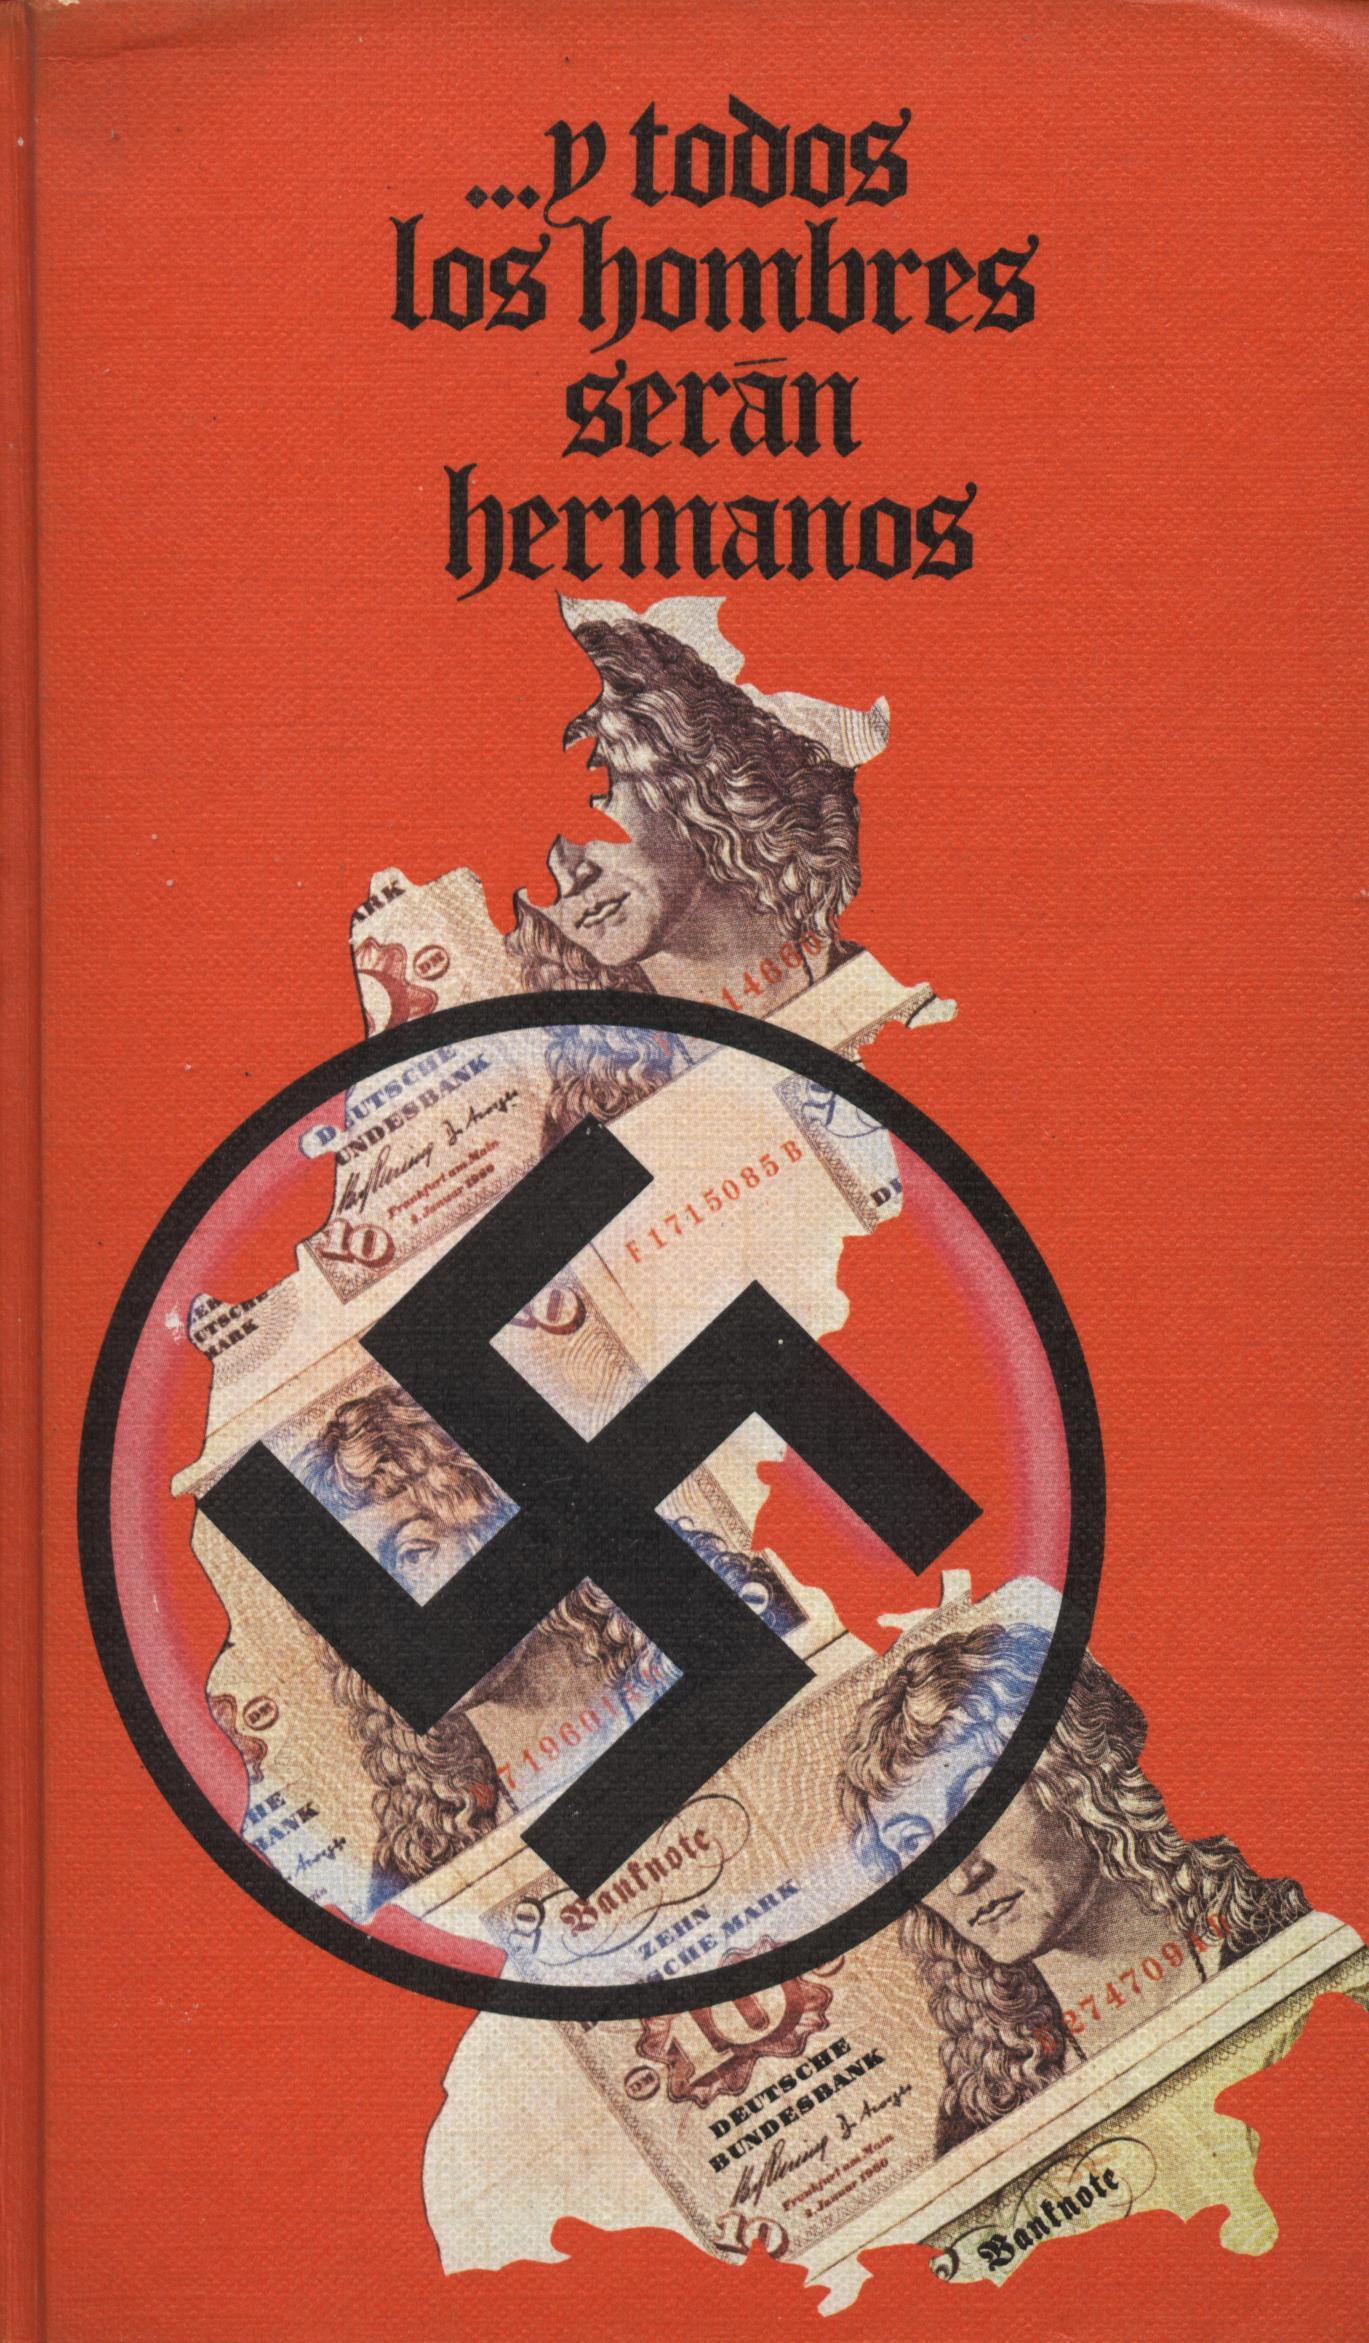 Venta online de libros de ocasión como Y todos los hombres seran hermanos - Johannes M. Simmel en bratac.cat